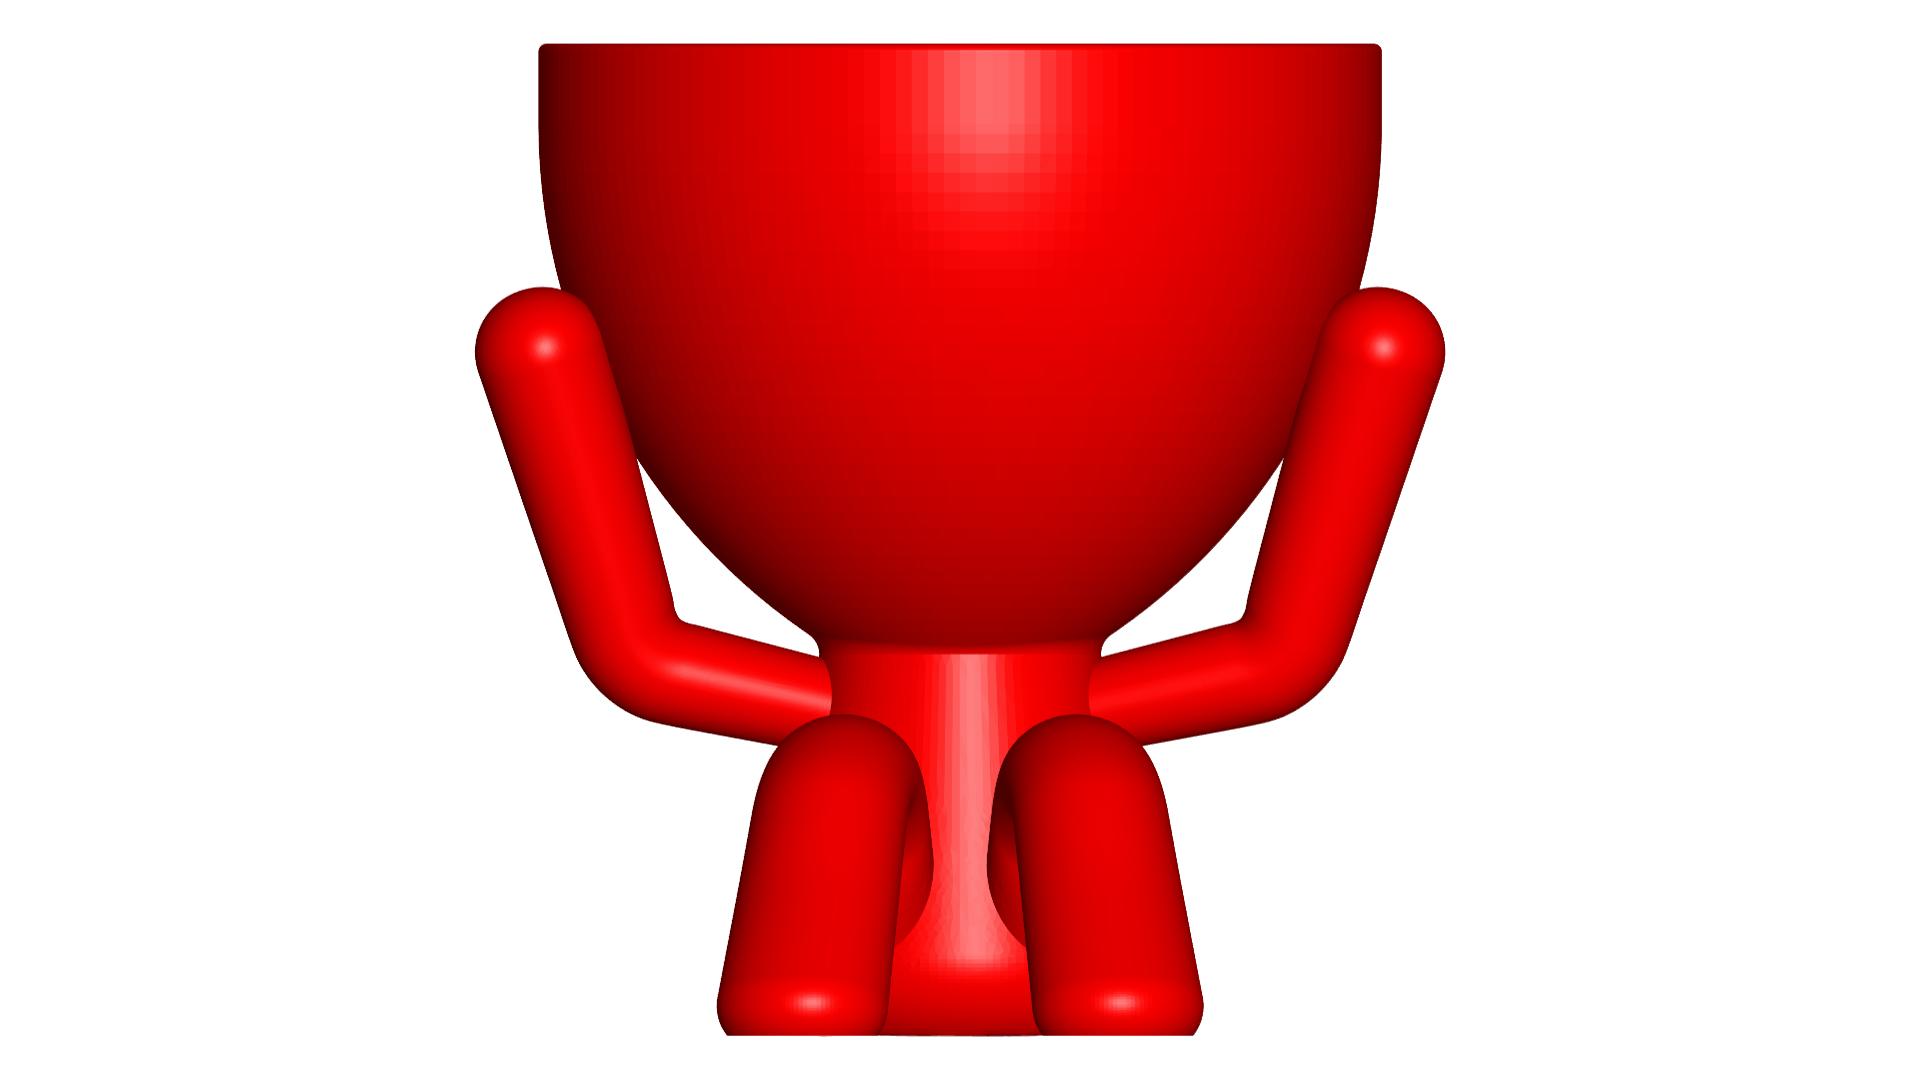 2_rojo_1.png Télécharger fichier STL gratuit Les 3 pots verres Robert Sabios Ne lit pas, n'écoute pas, ne voit pas - Les 3 pots verres Robert Sabios Ne lit pas, n'écoute pas, ne voit pas • Objet à imprimer en 3D, CREATIONSISHI